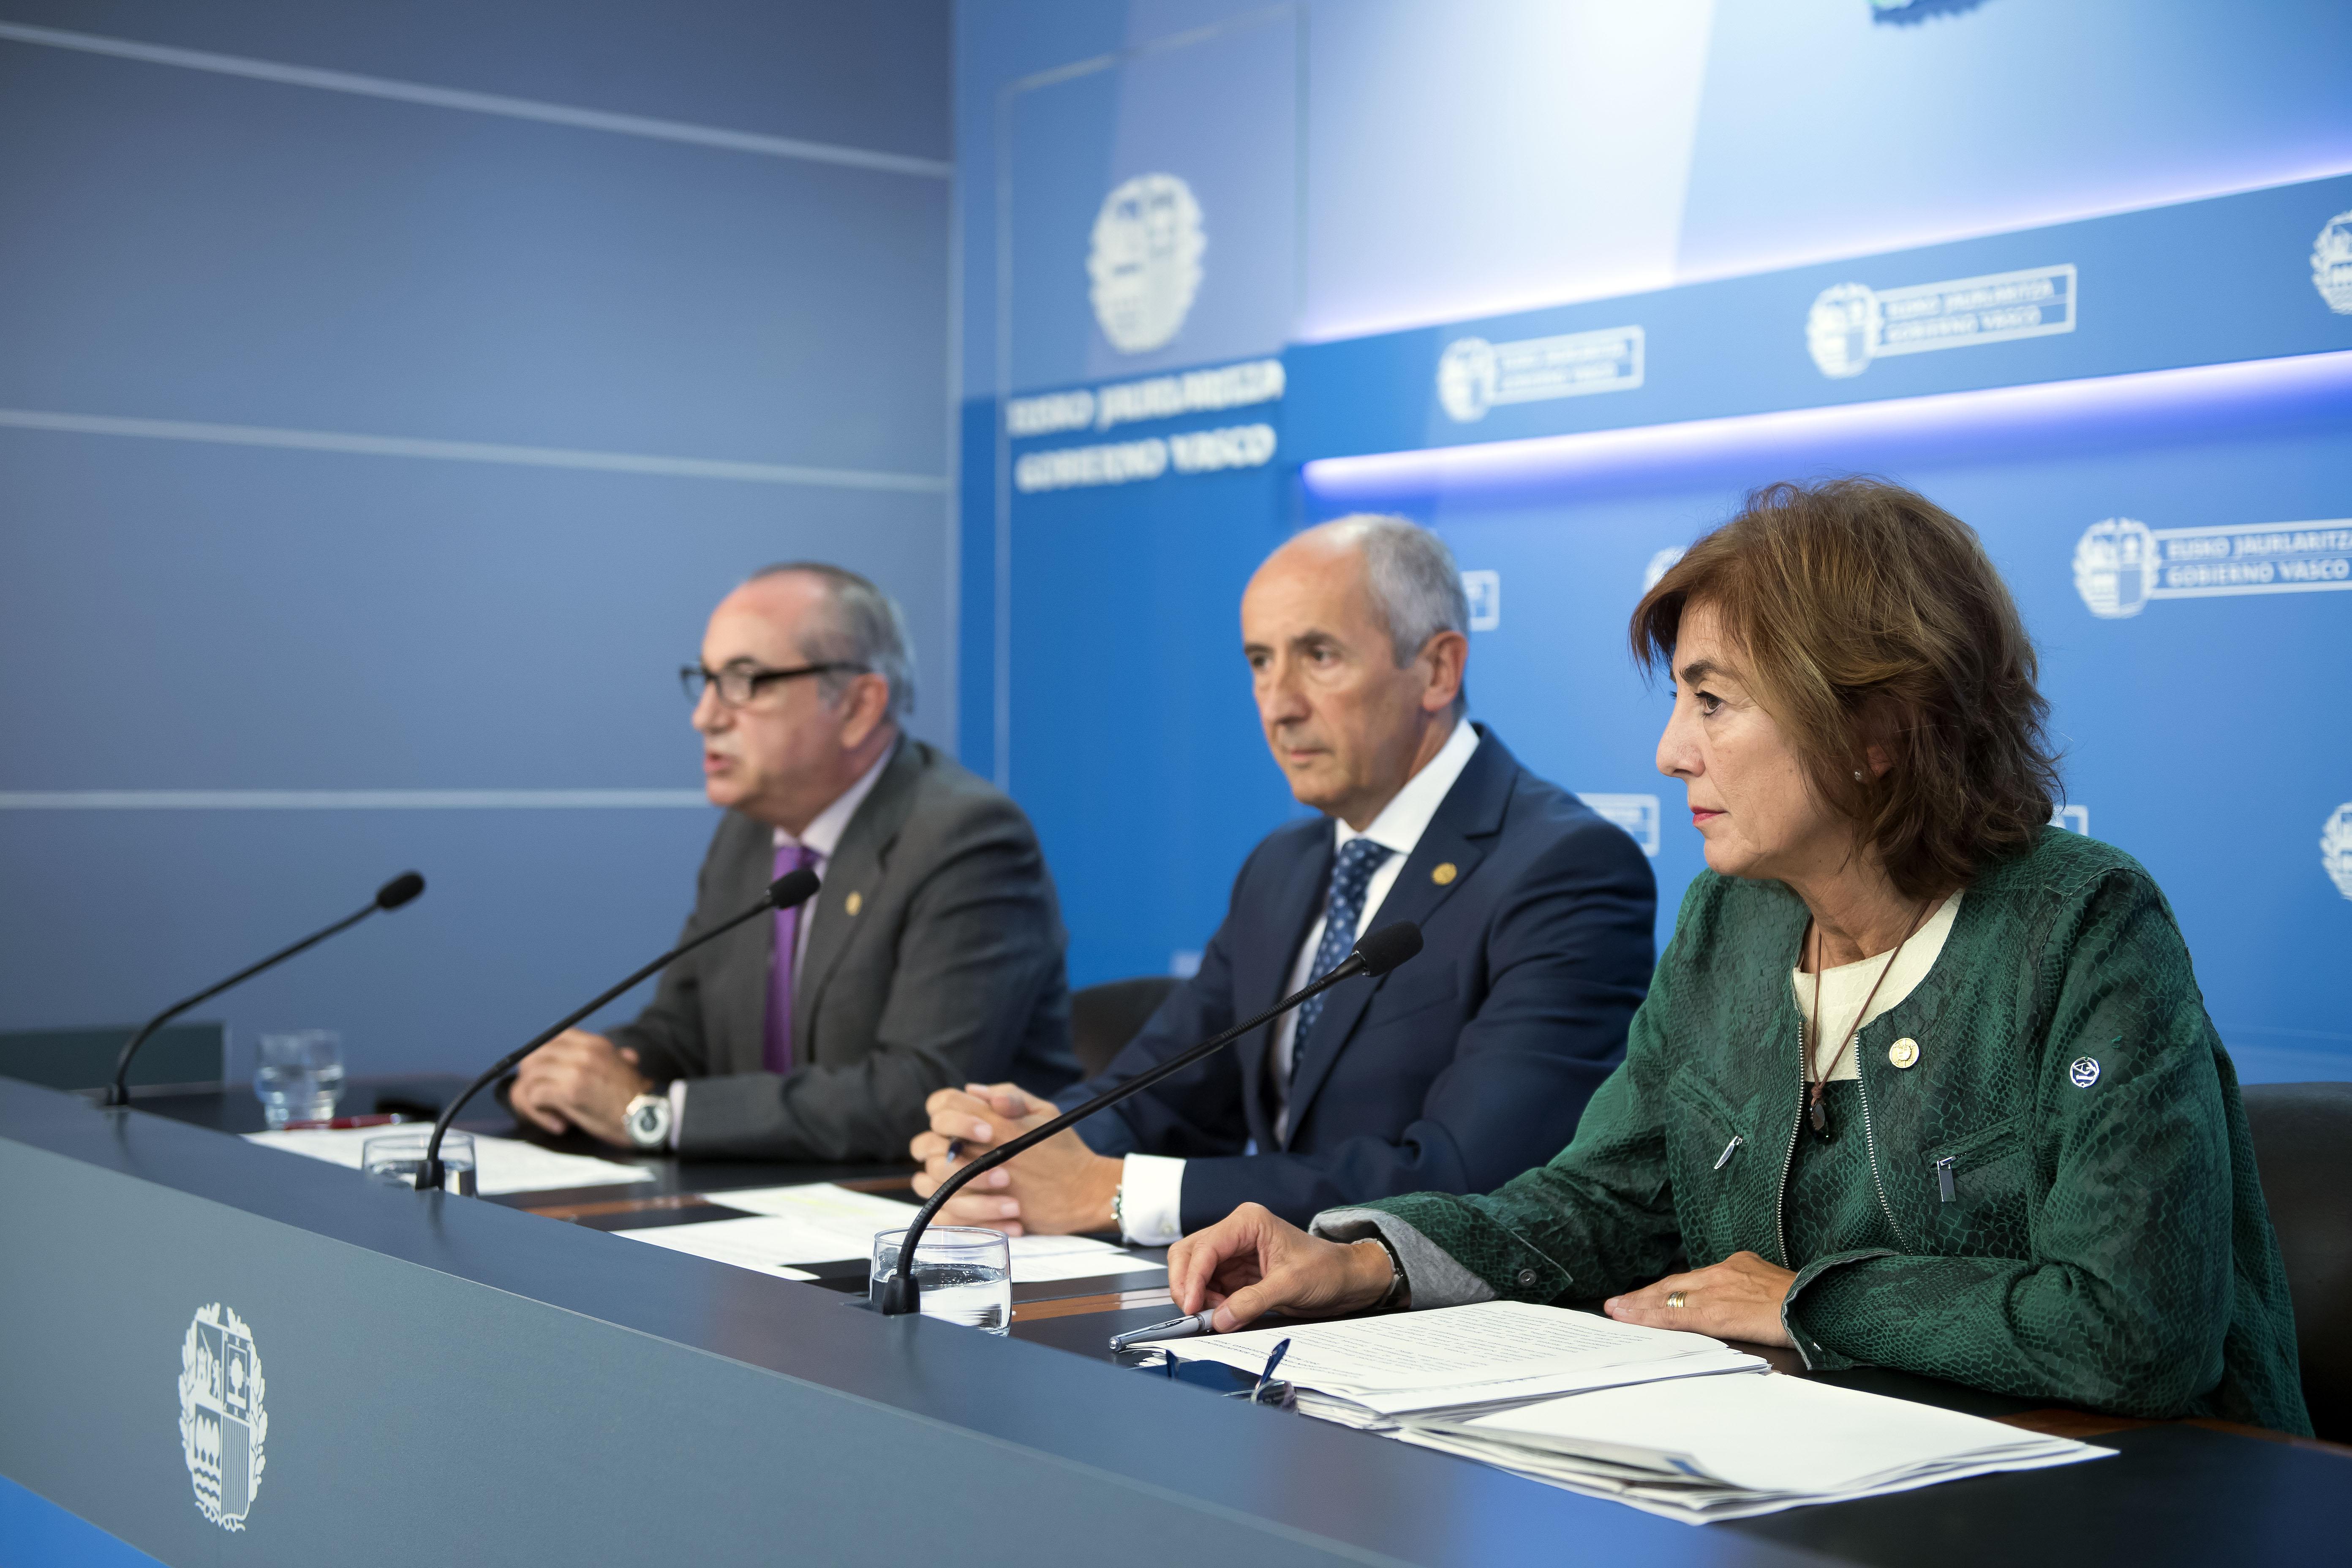 El Gobierno Vasco aprueba una subida salarial del 1% al conjunto del personal de la Administración Pública Vasca